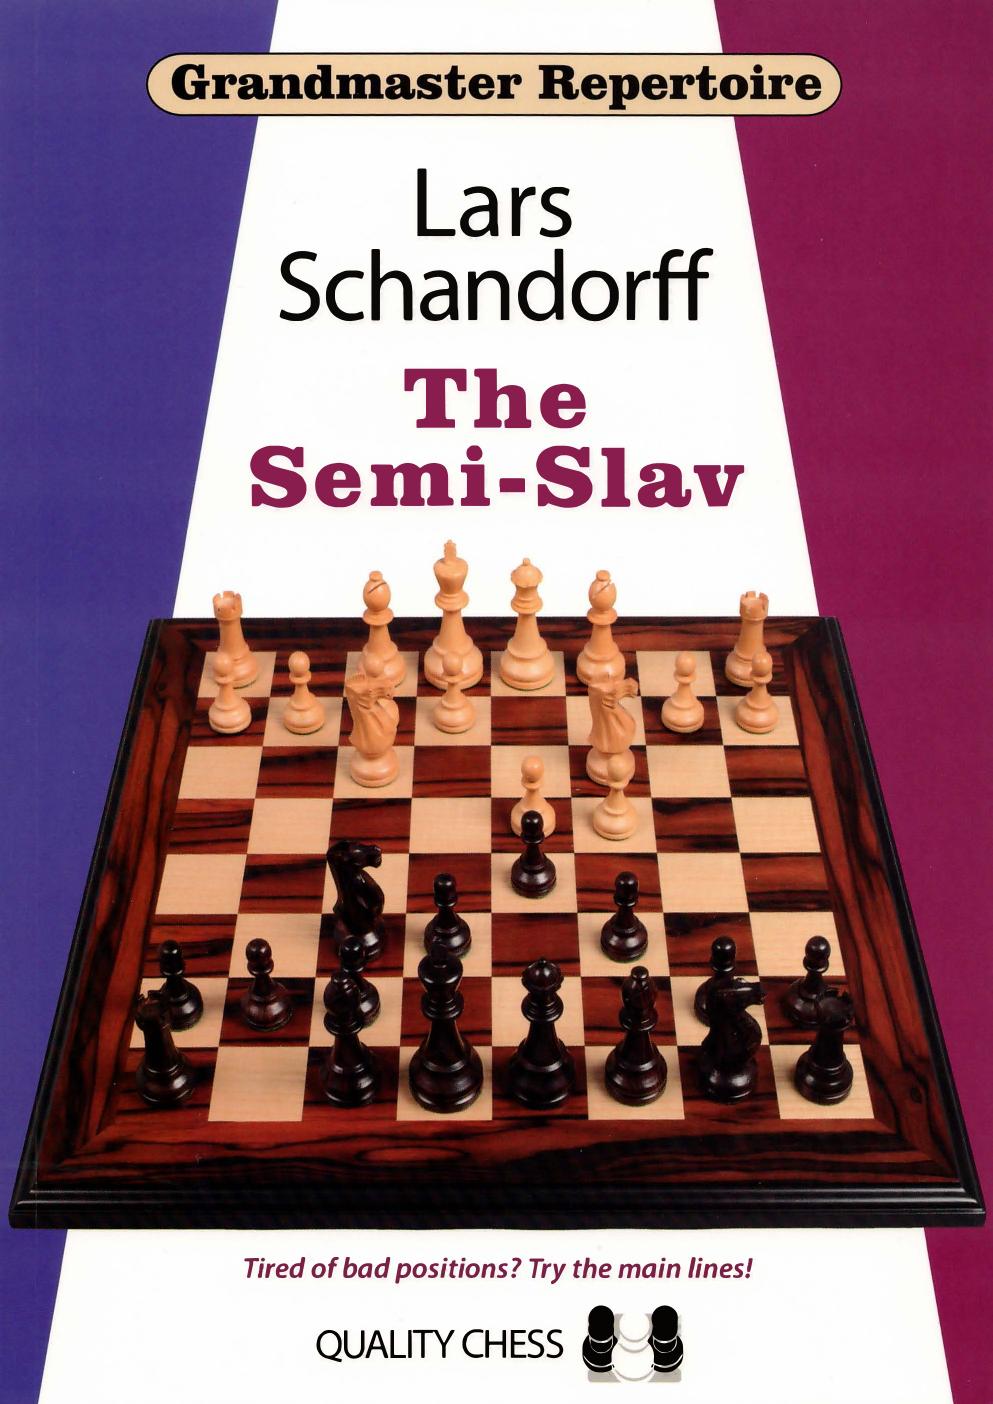 The Semi Slav